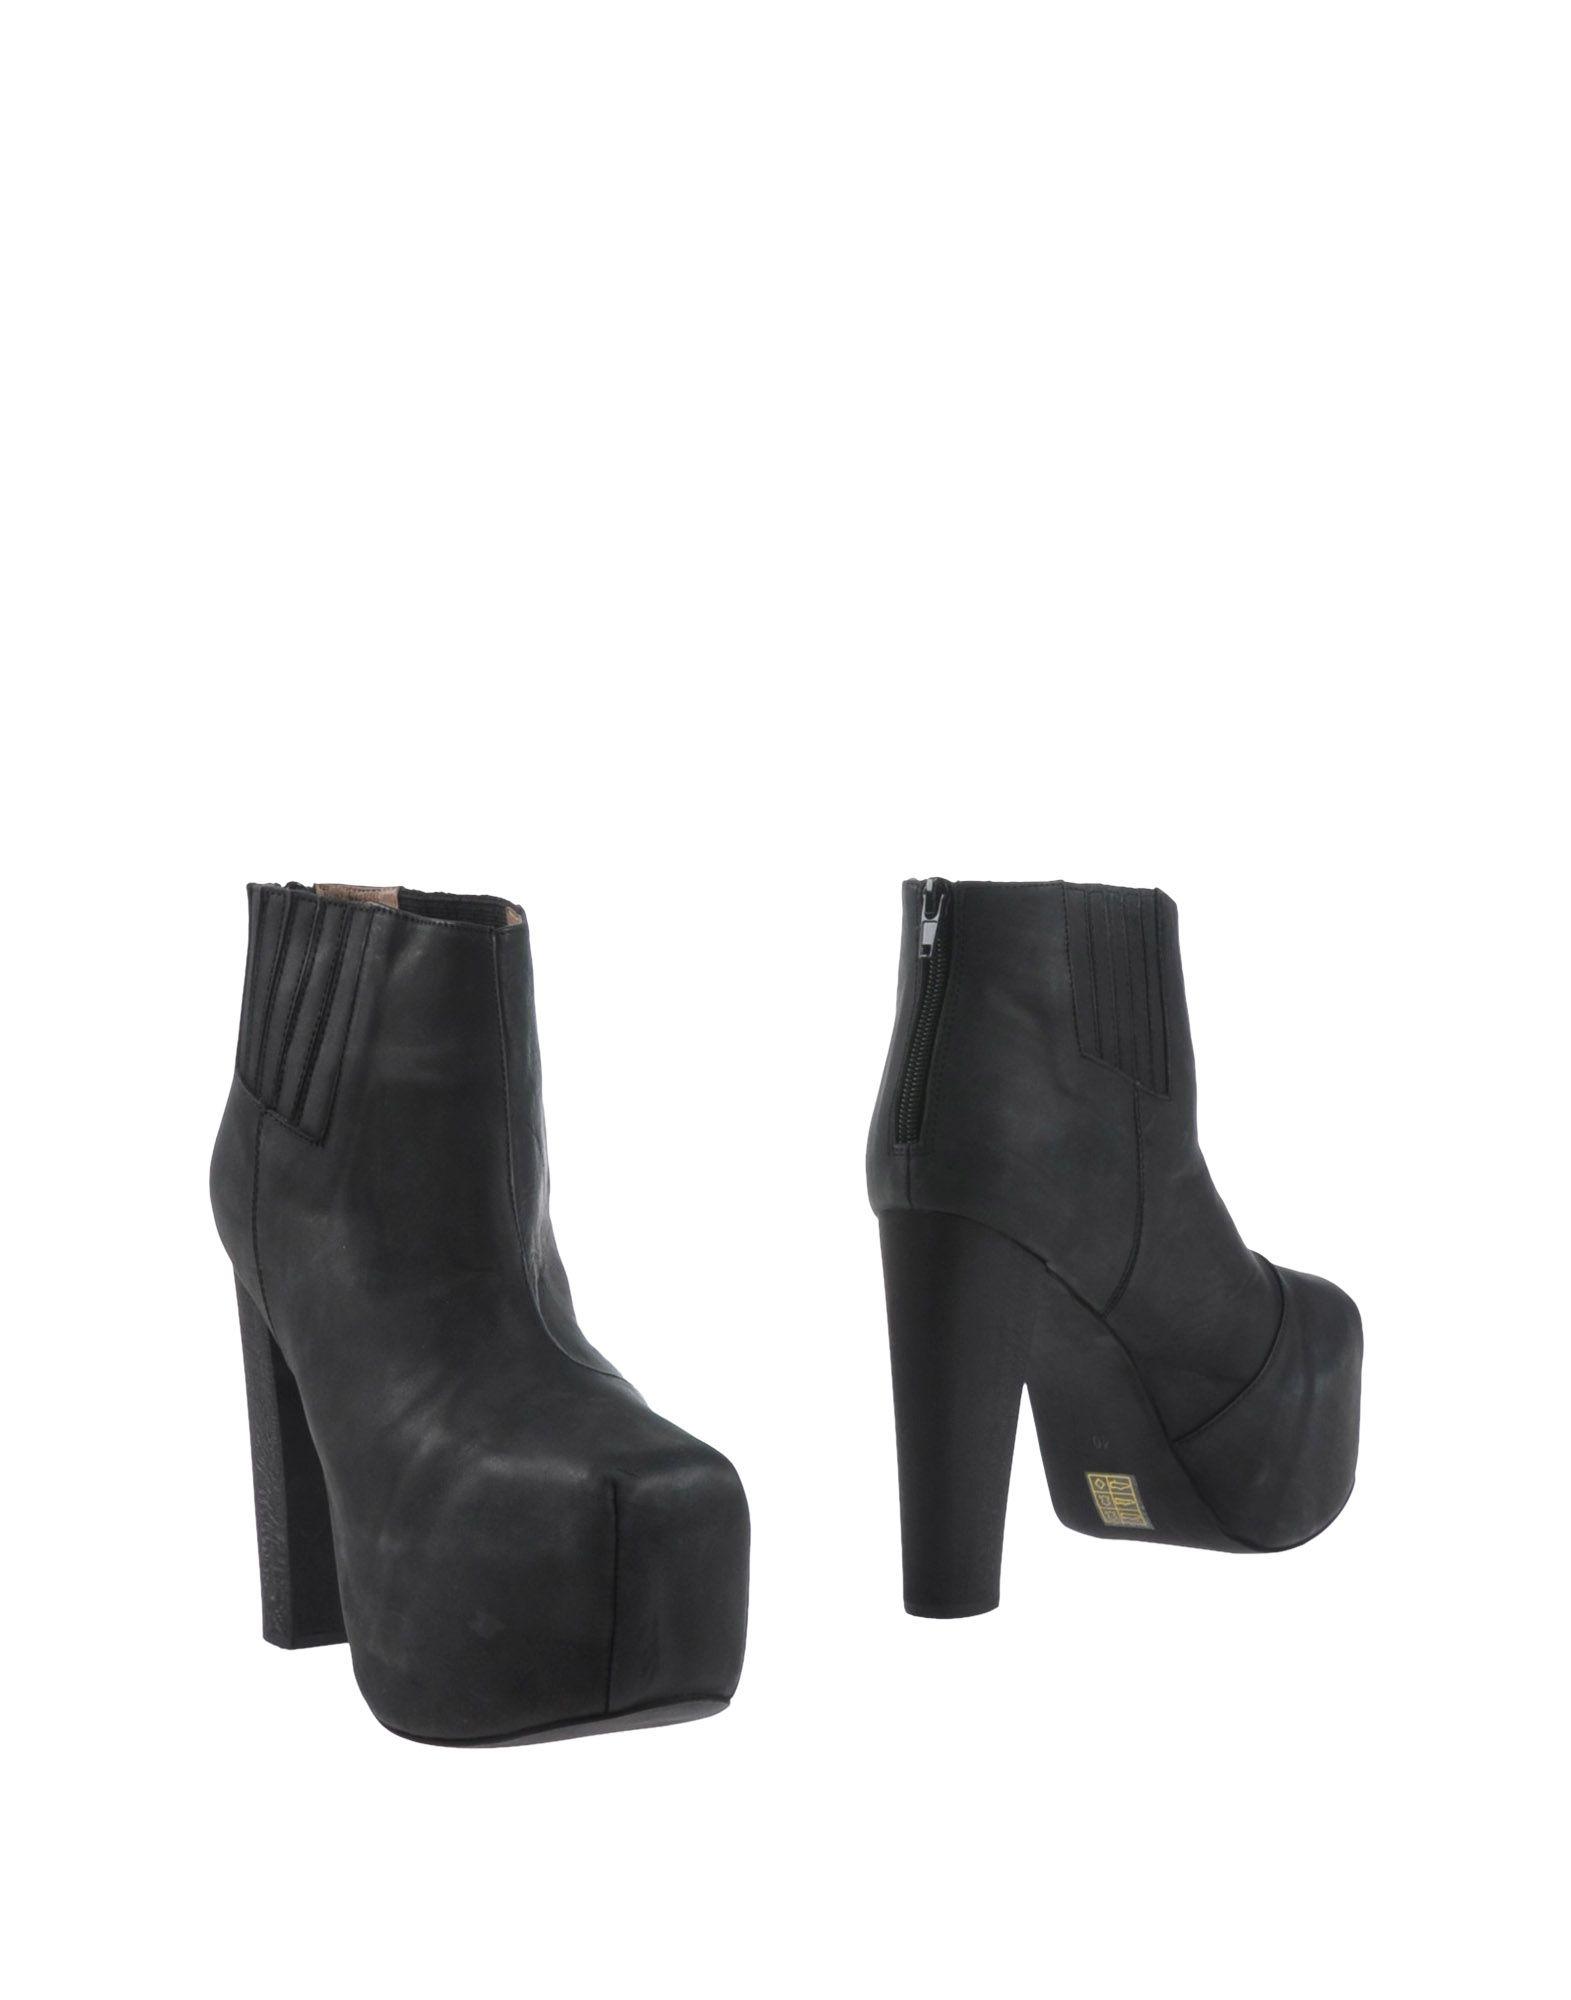 Jeffrey Campbell Stiefelette Damen  11035980SA Schuhe Gute Qualität beliebte Schuhe 11035980SA 78f738